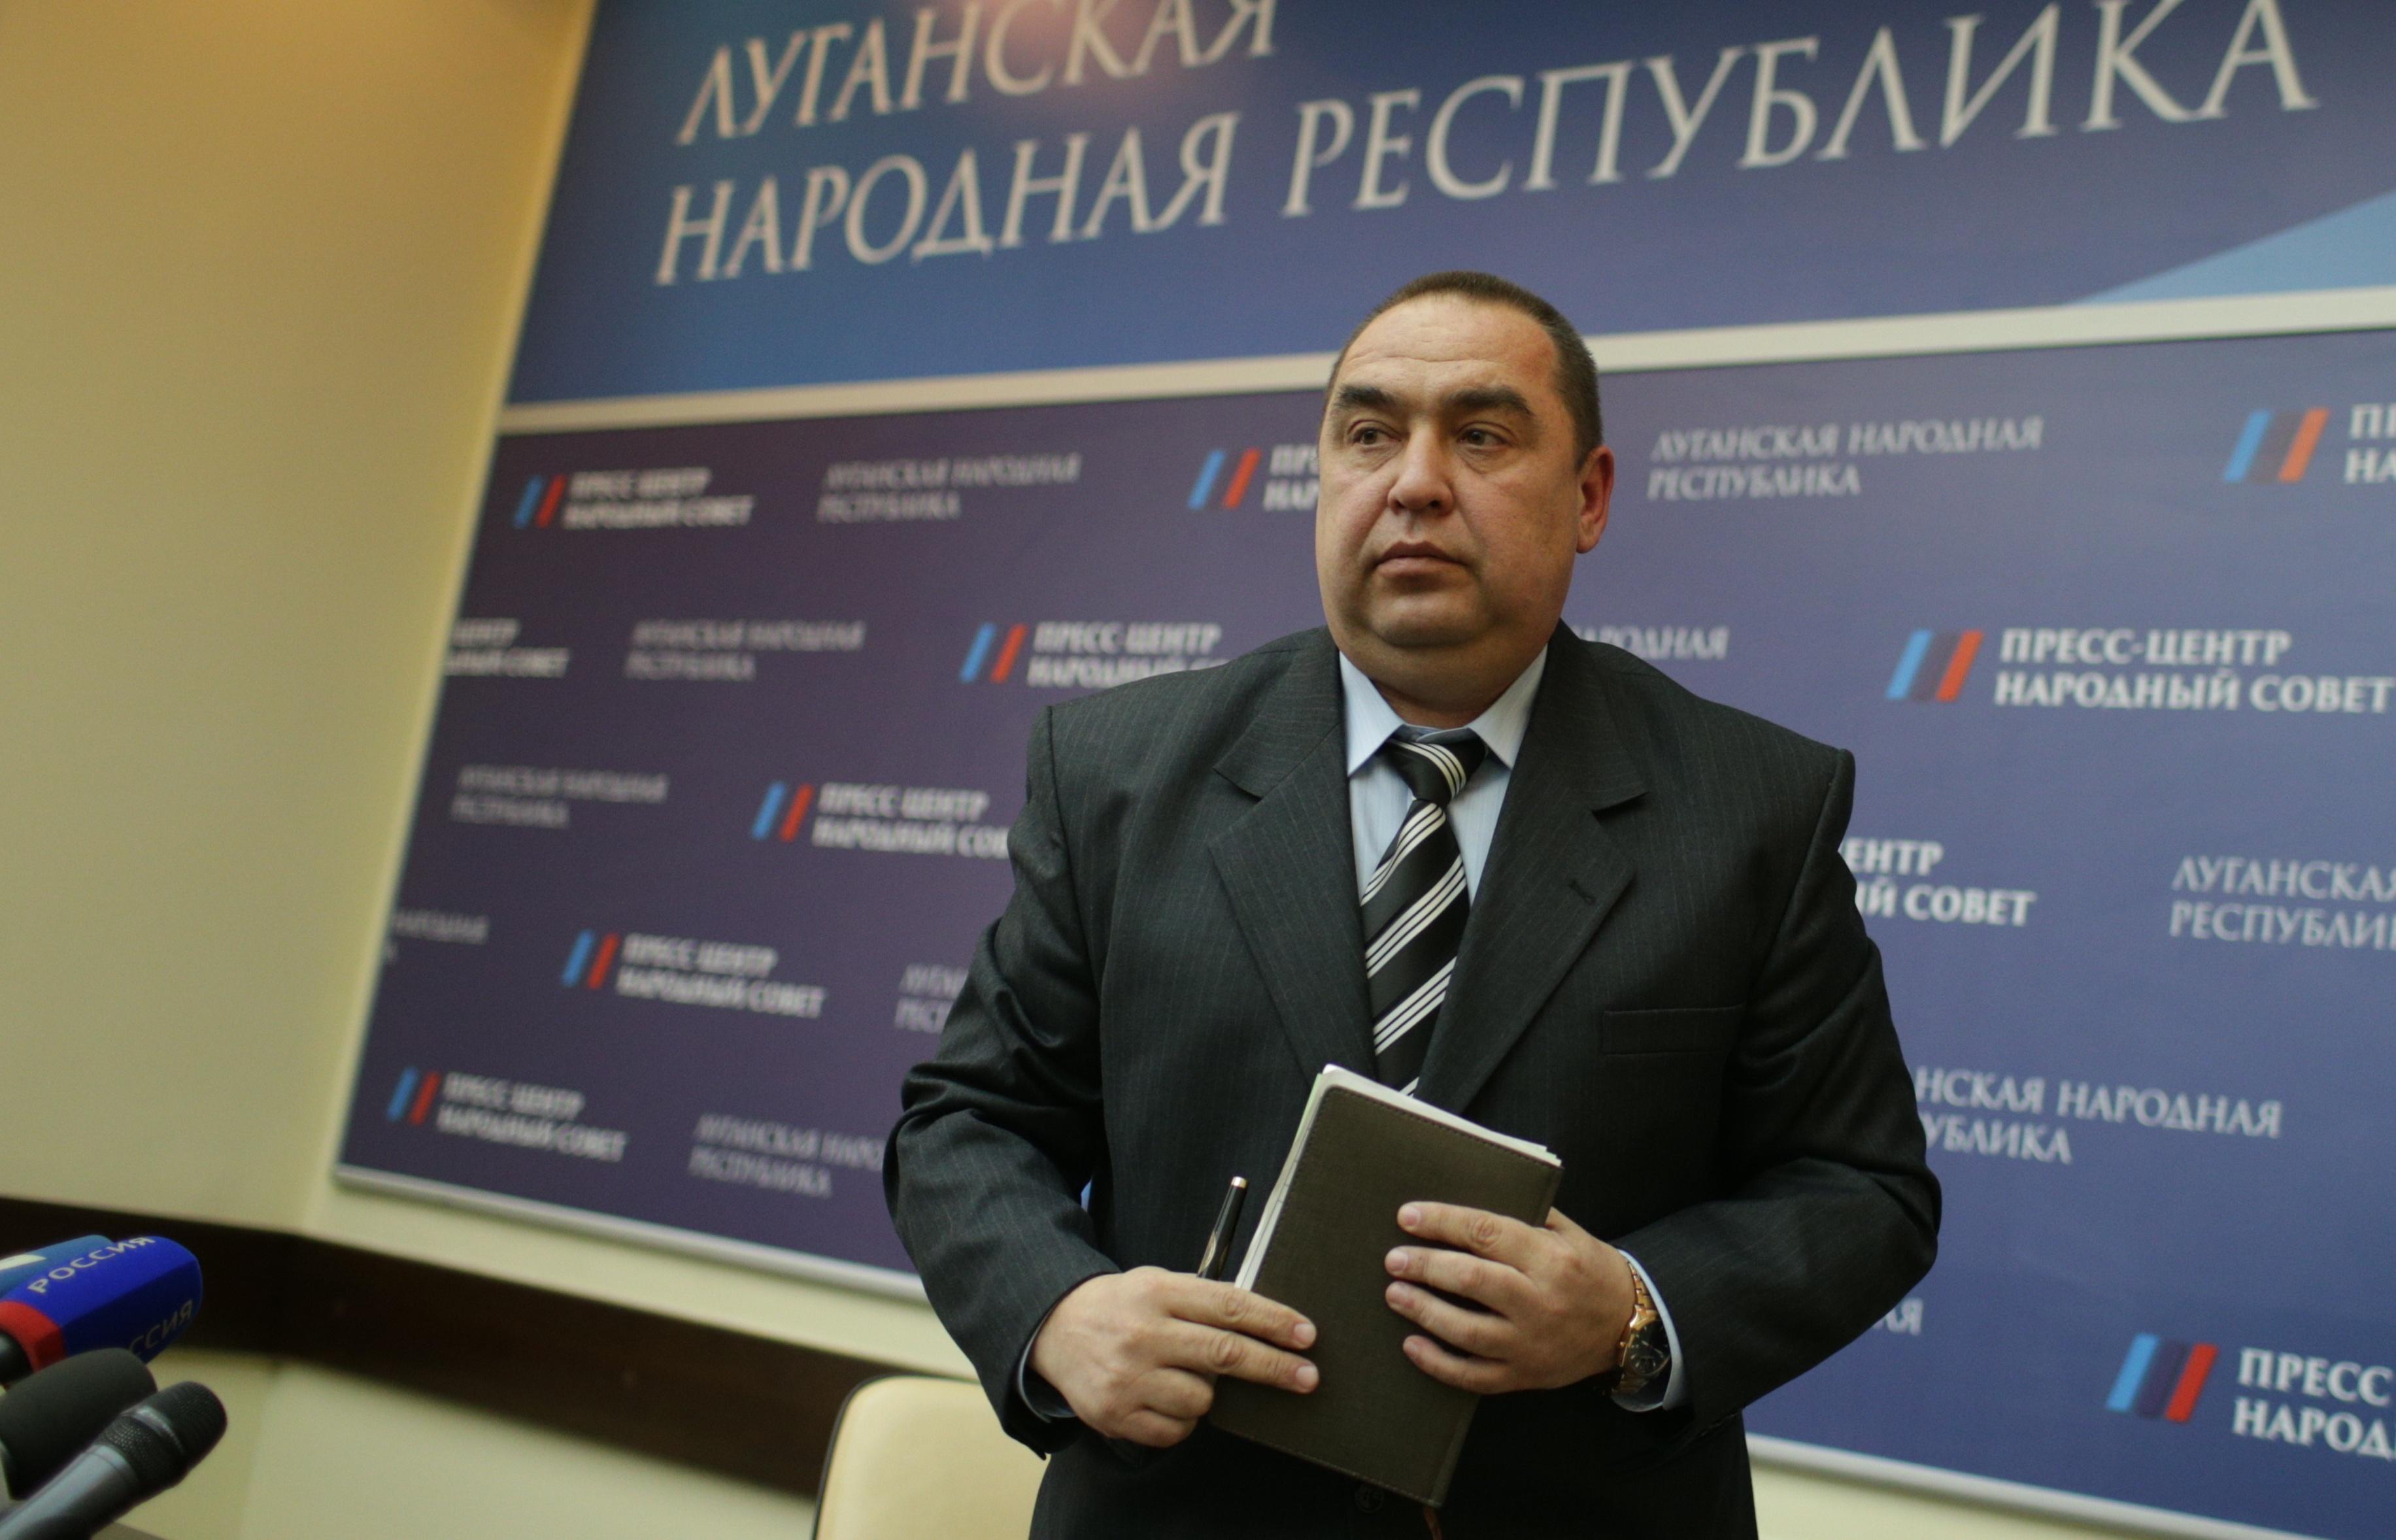 Группировка «ЛНР» объявила ультиматум предприятиям Ахметова и Ко